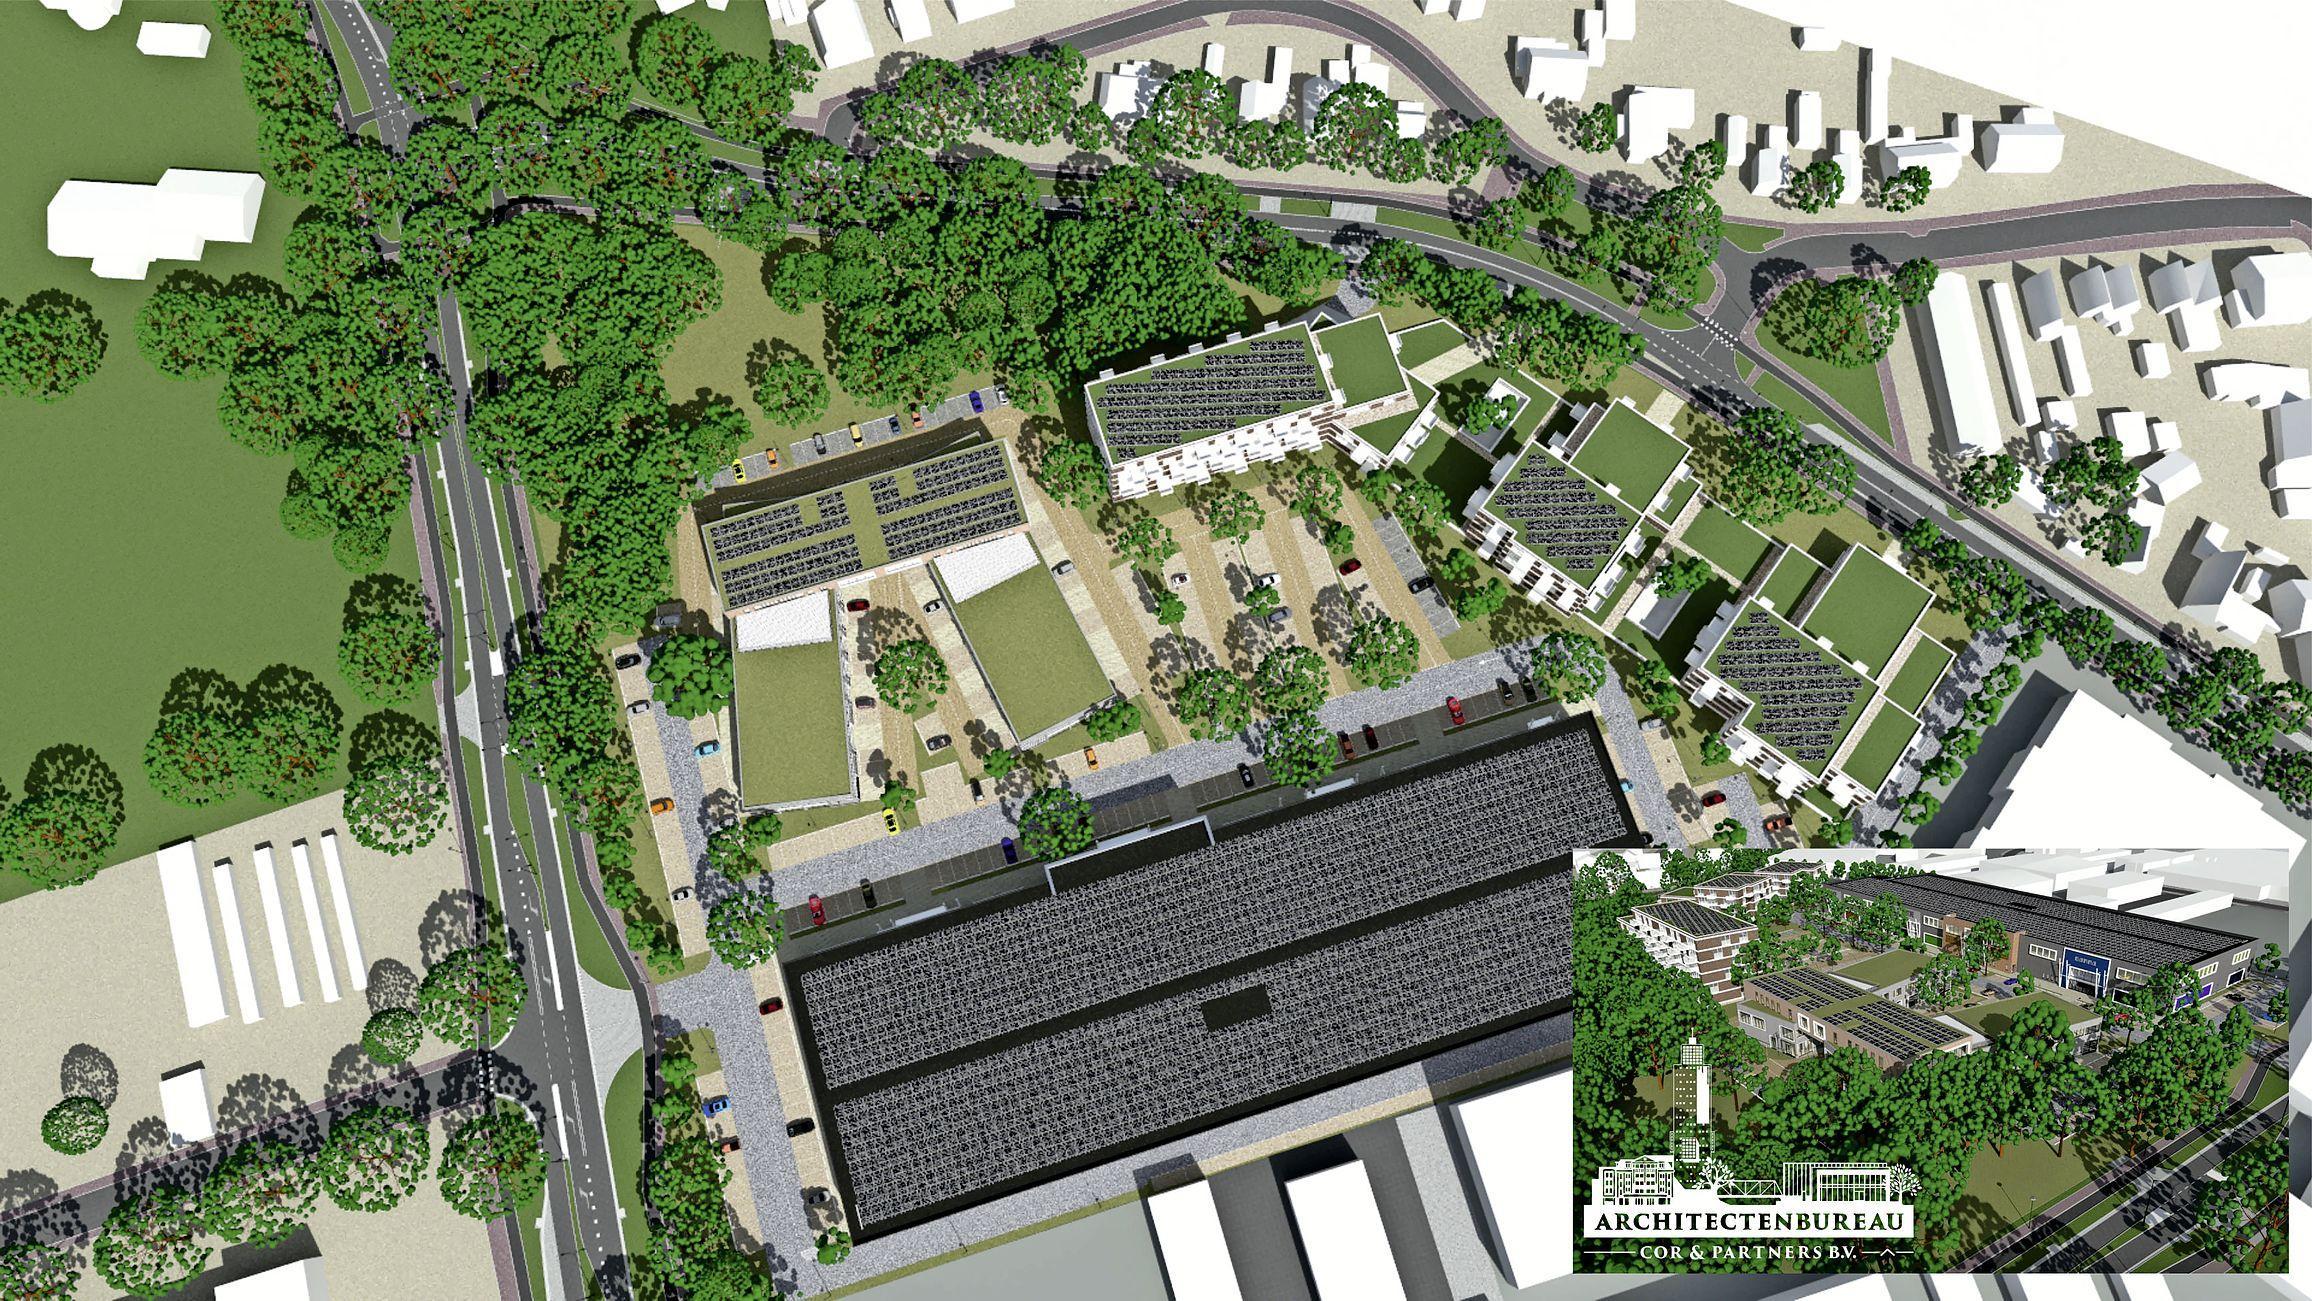 Bouwmarkt Gamma heeft getekend voor een plek op TBS-terrein in Soest, eigenaar is er blij mee: 'Mooie naam om aan boord te hebben'; Onderzoek naar mogelijke woningbouw nog niet gestart